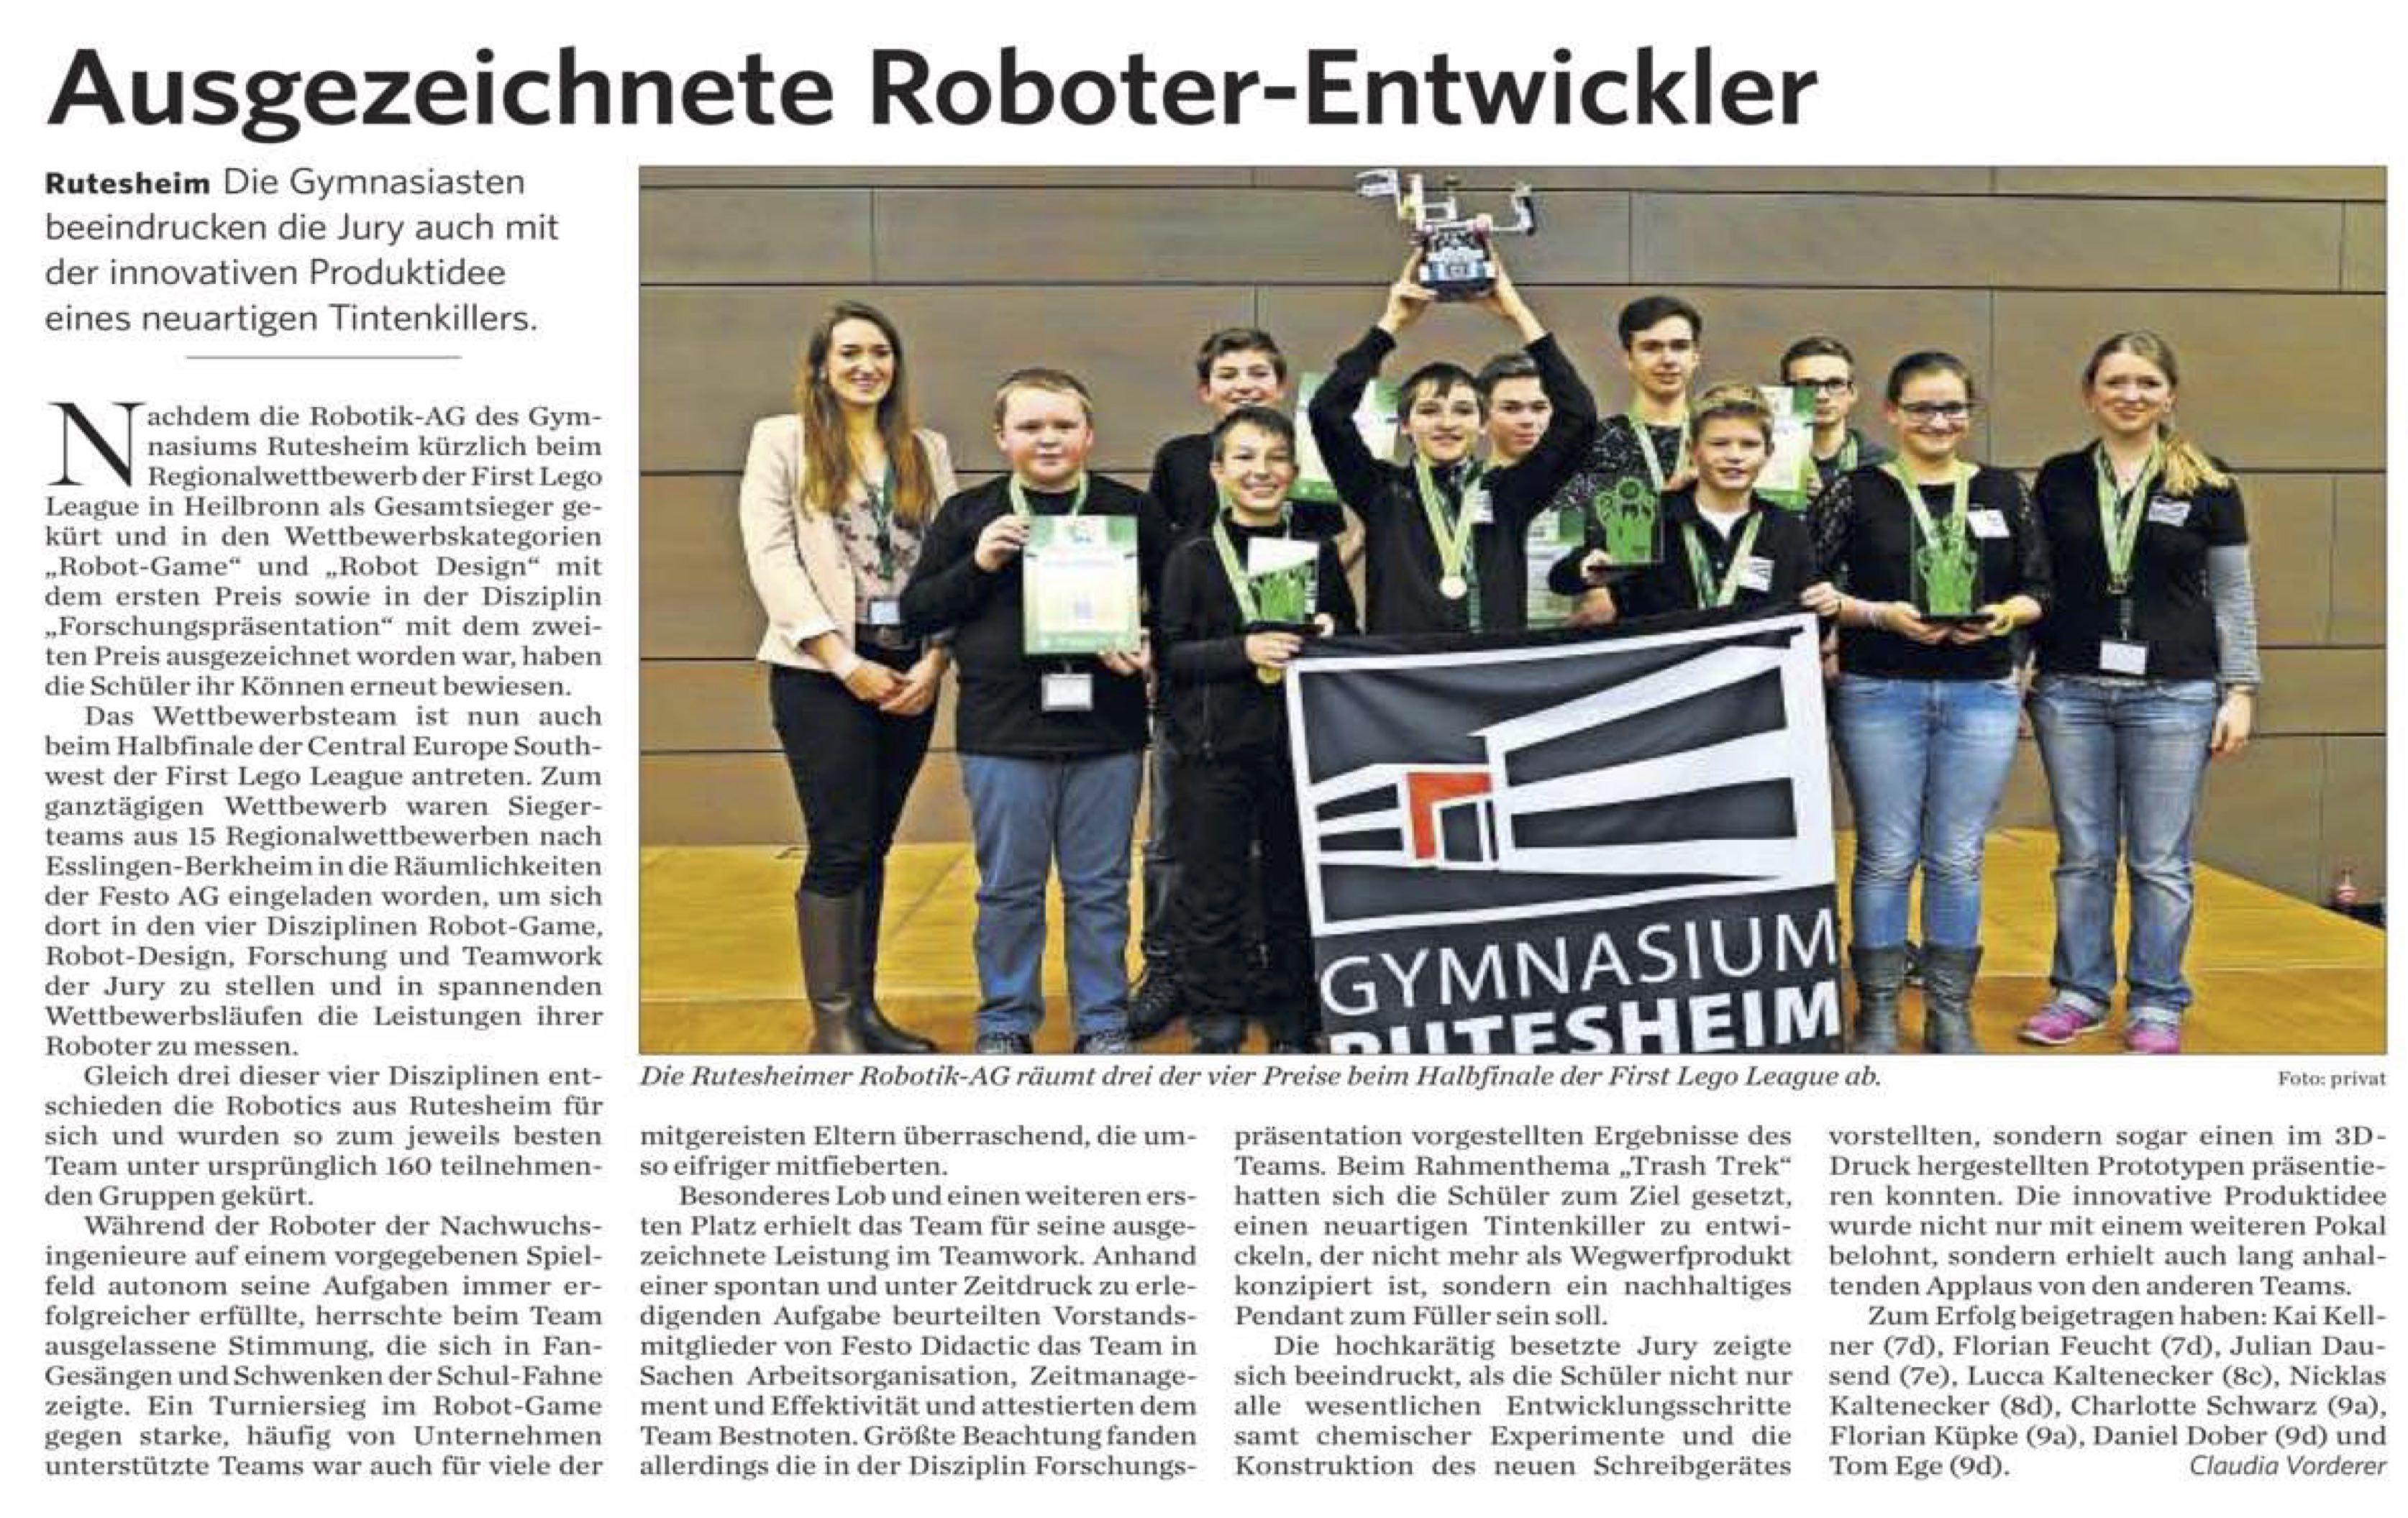 2016 02 12 Ausgezeichnete Roboter-Entwickler